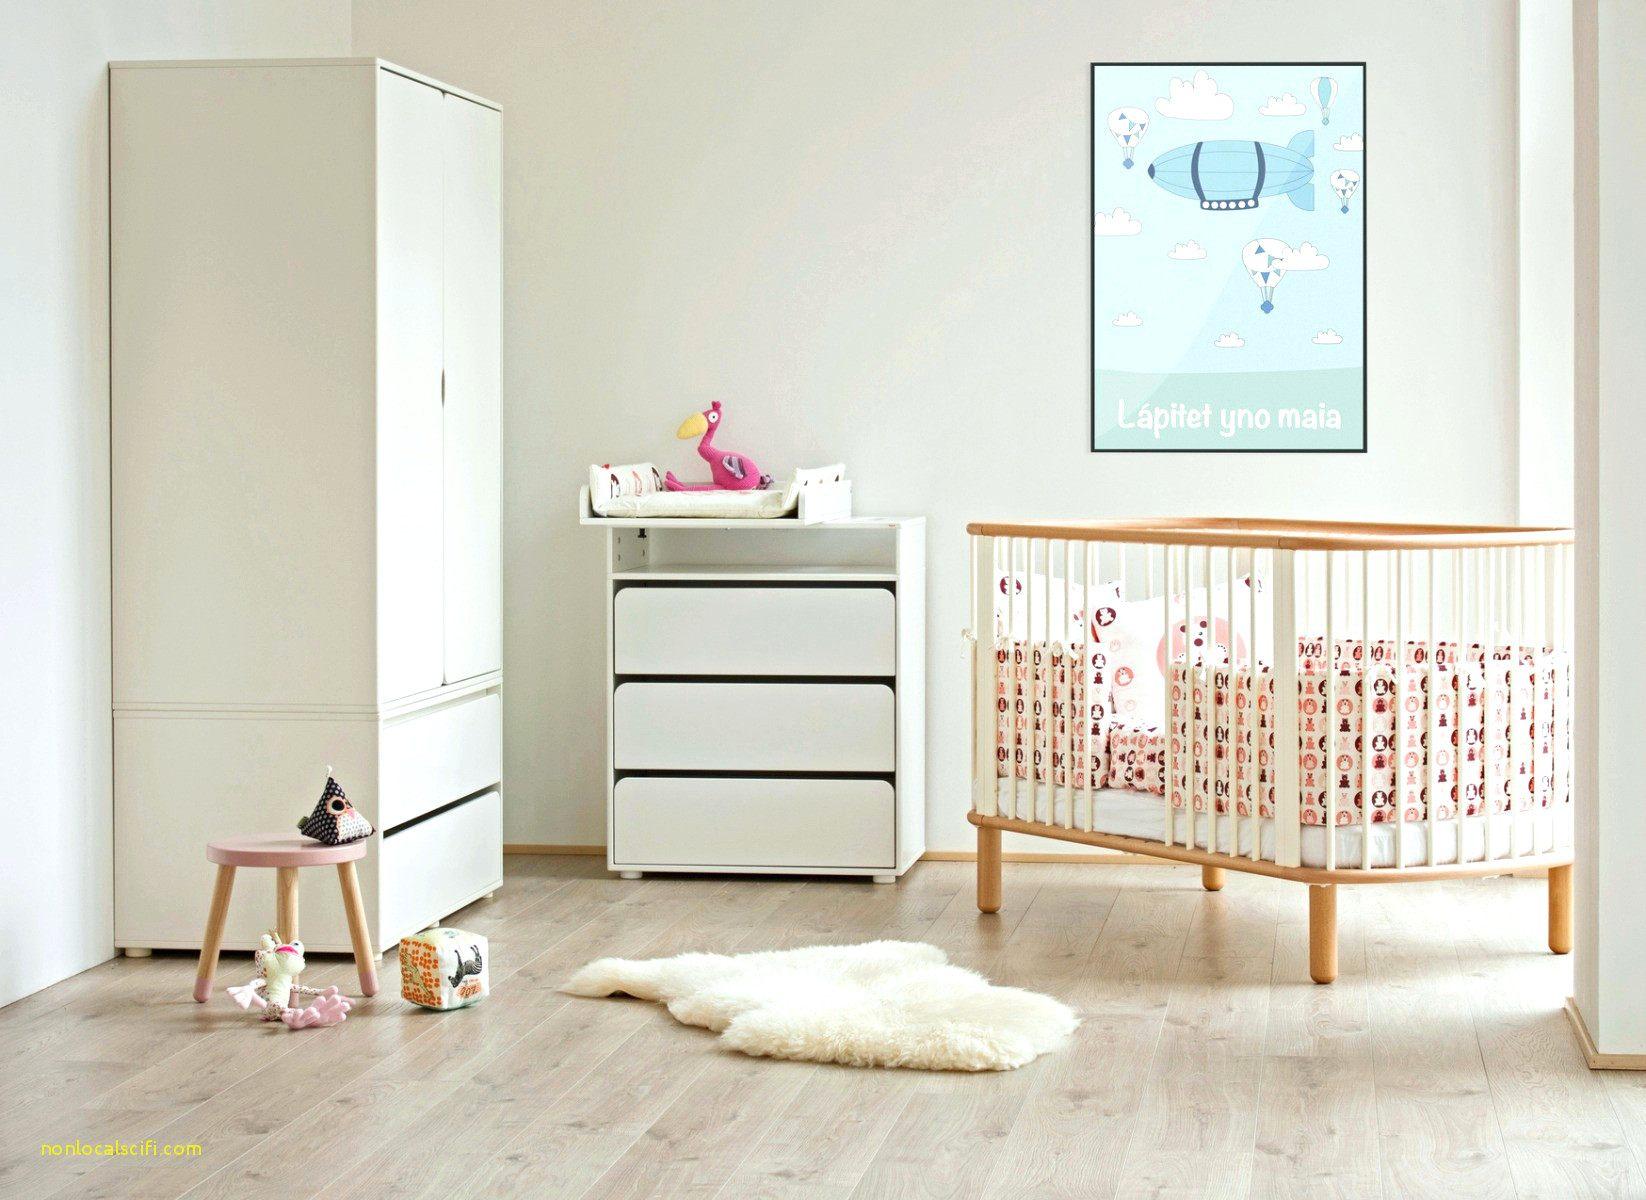 Lit Pour Enfant 3 Ans Nouveau Fantastique Chambre Pour Enfant Dans Résultat Supérieur Lit Pour